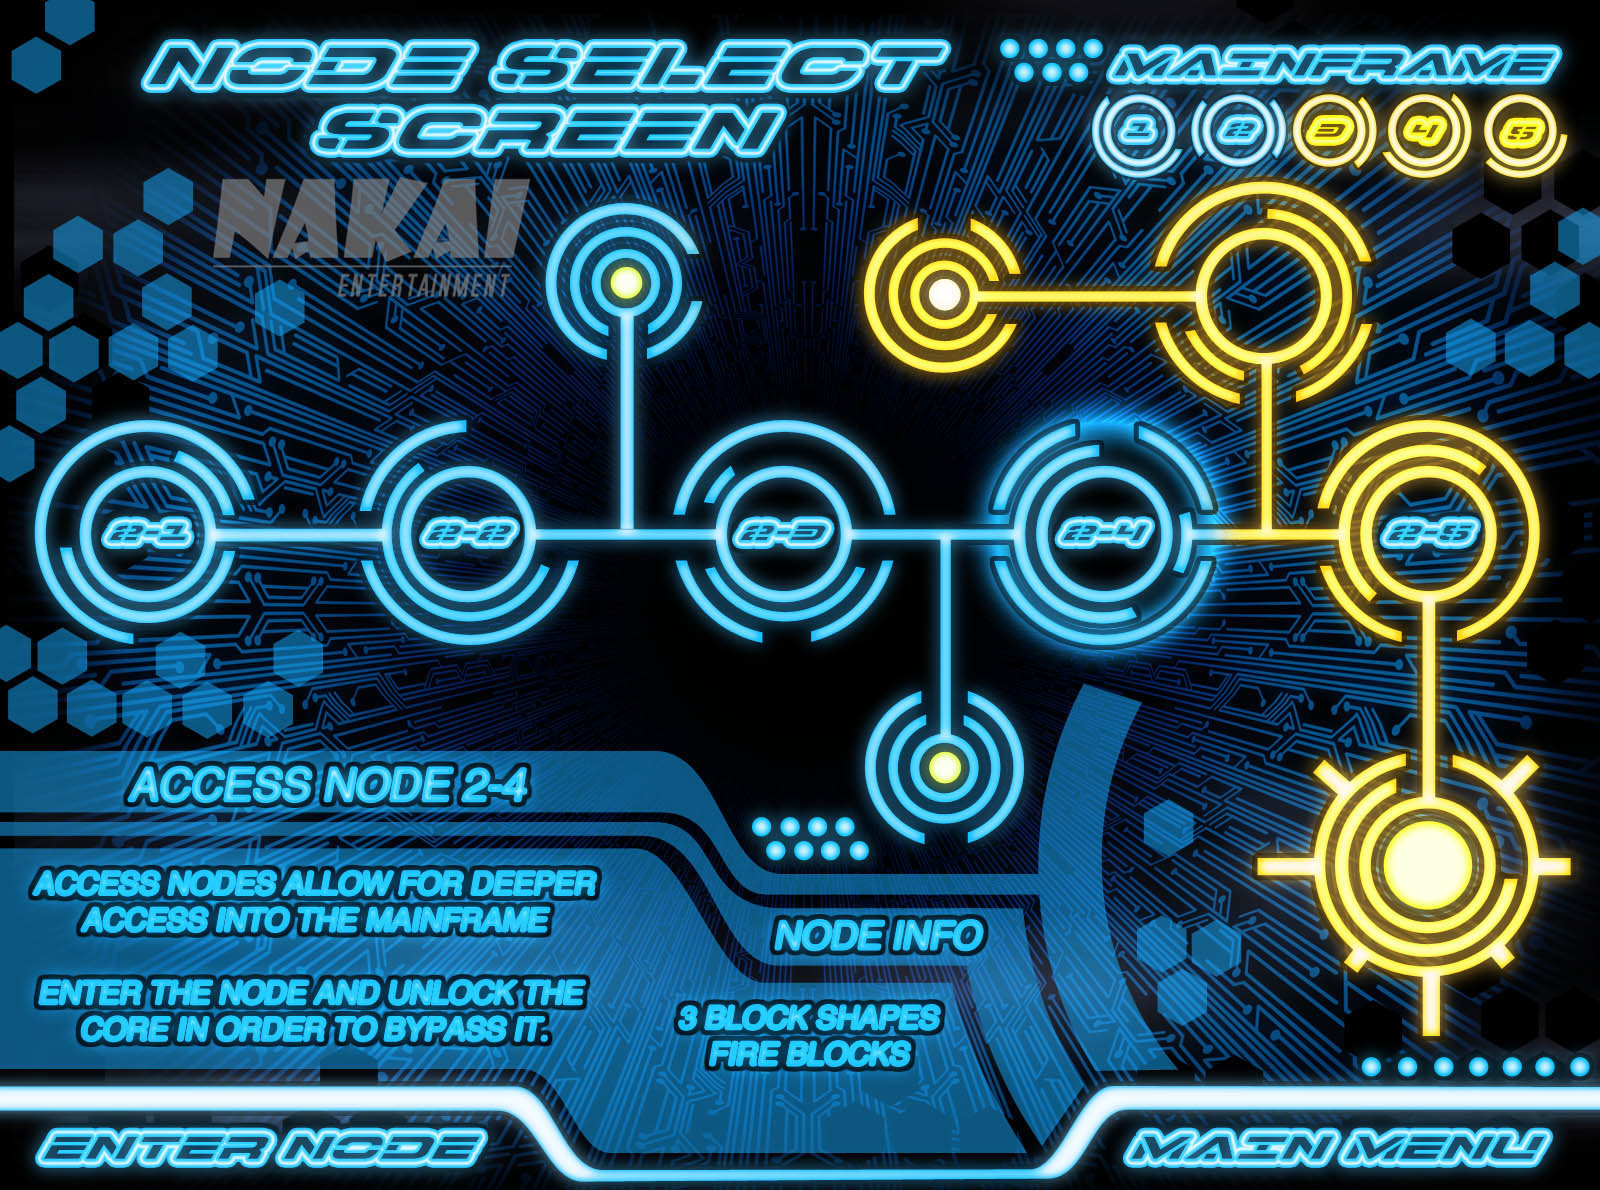 node_screen_water.jpg